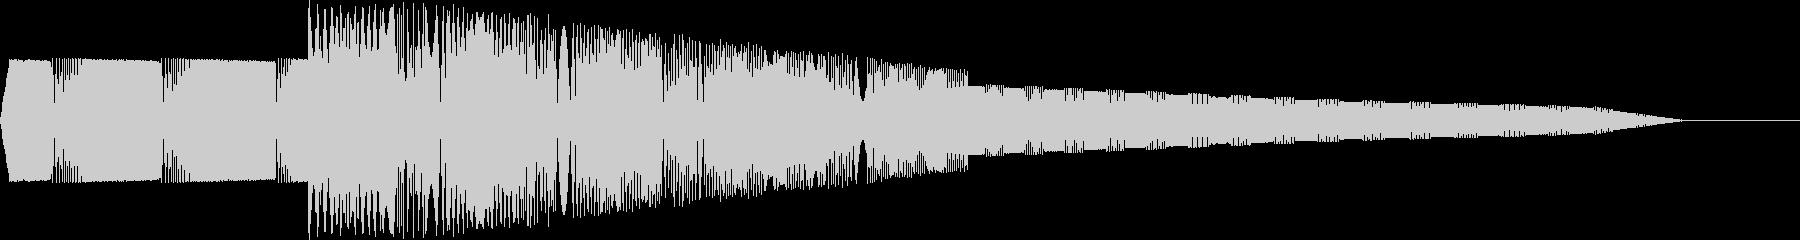 ピロピロ(ワープ/宇宙/ファミコンSFの未再生の波形